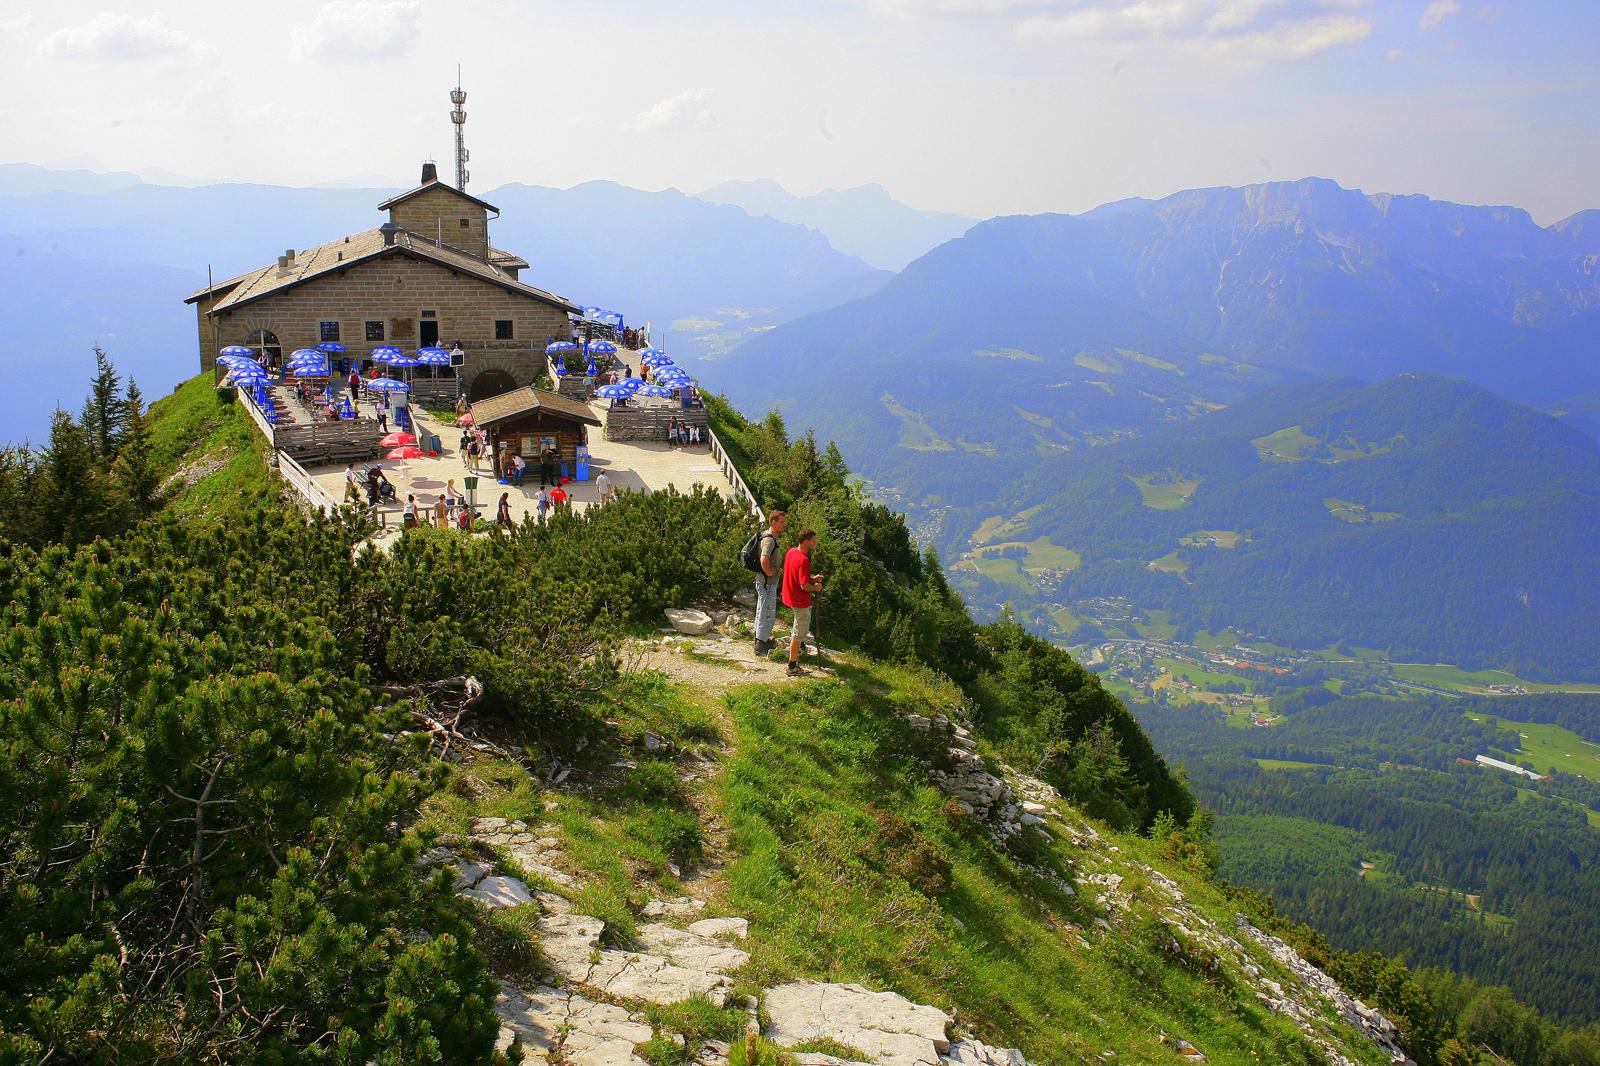 Kehlsteinhaus / Eagles Nest, Berchtesgaden (DE)